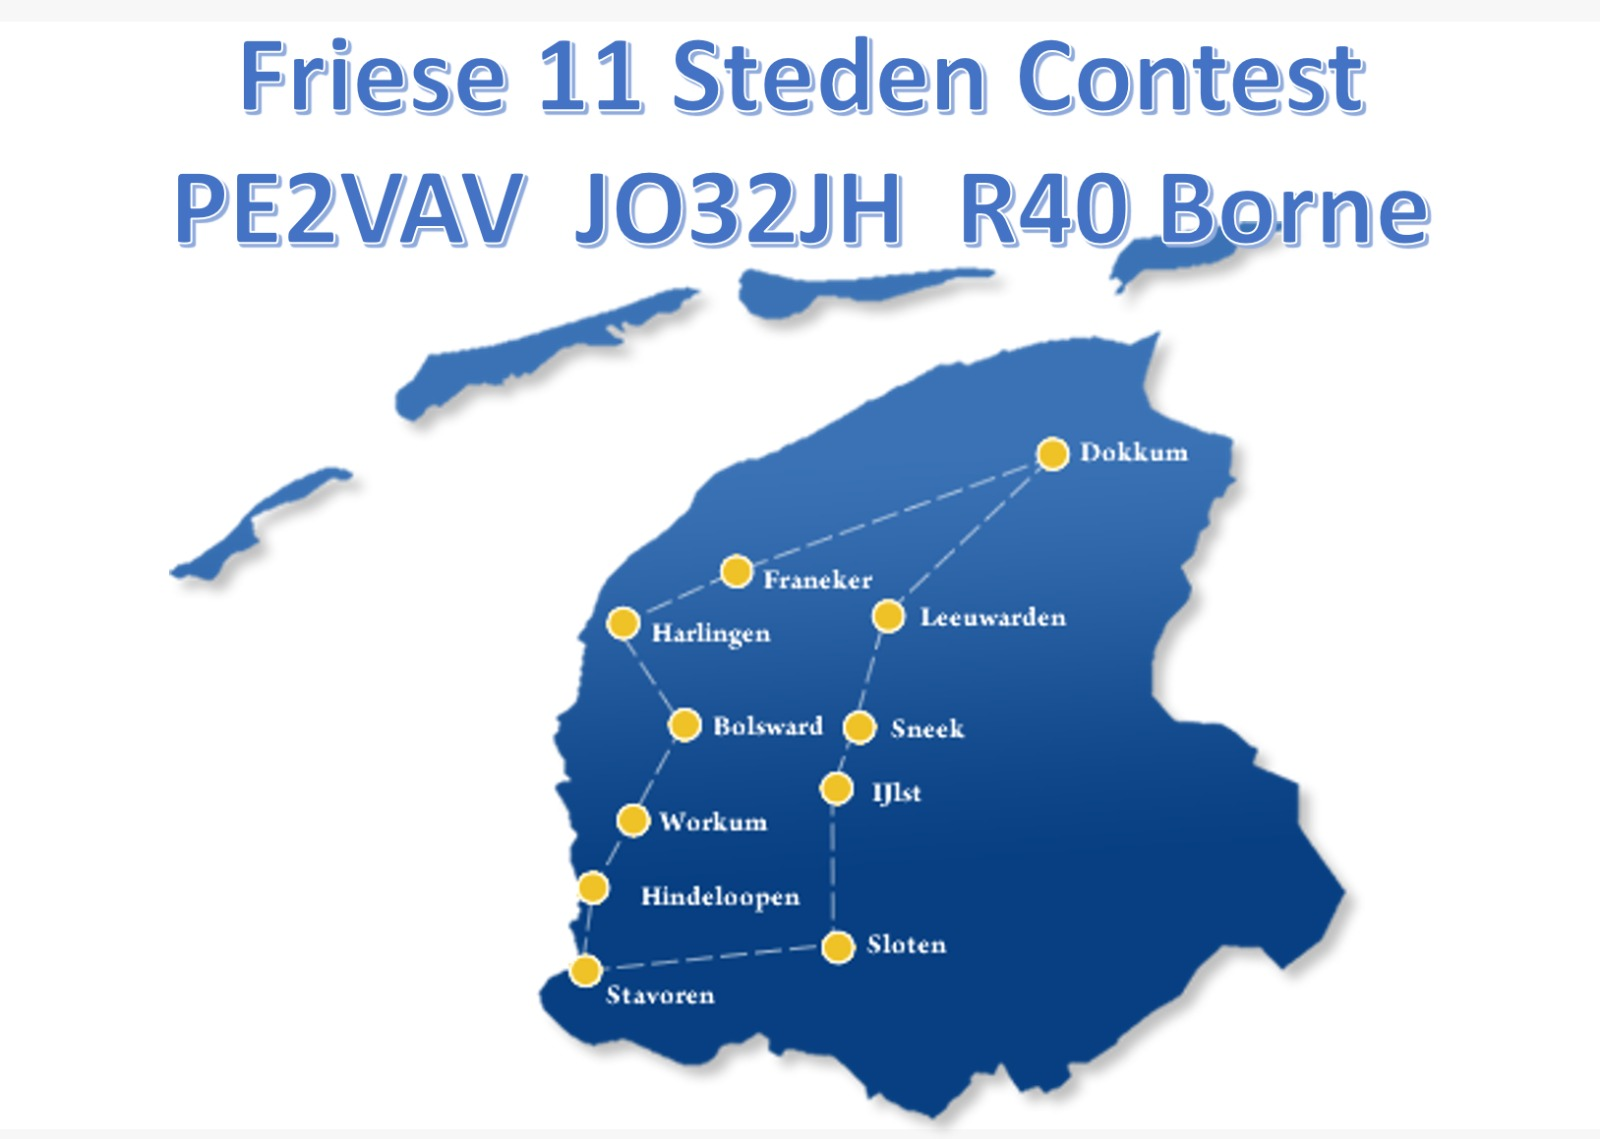 Friese elfstedencontest 2019